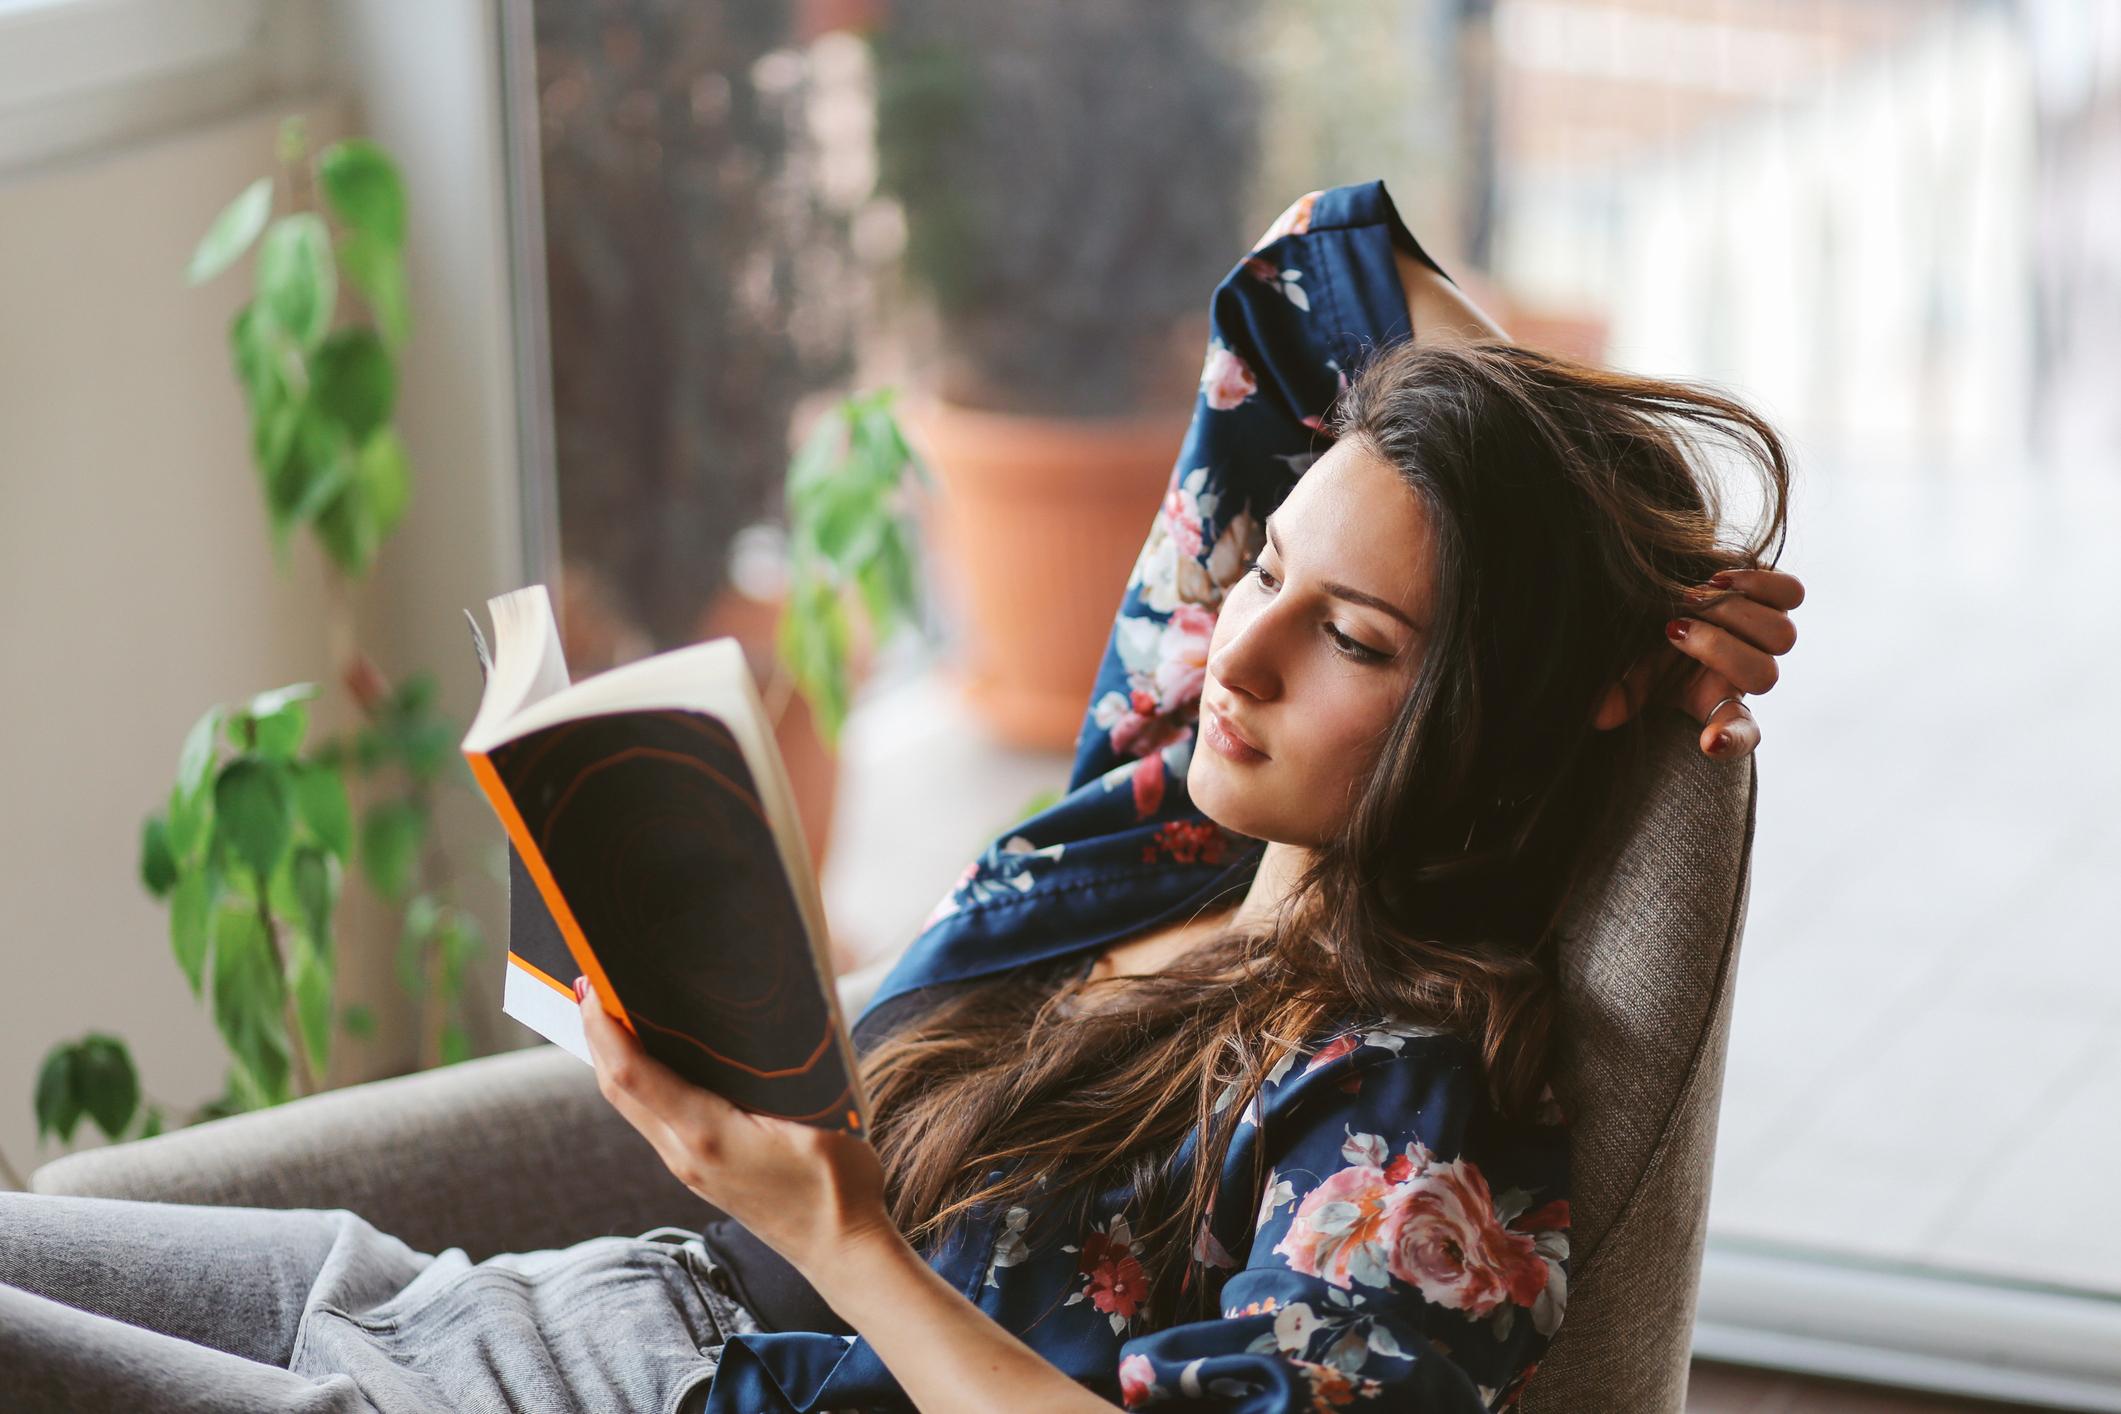 Γιατί το αίσθημα κόπωσης δεν φεύγει ποτέ; 6 λόγοι που το αιτιολογούν